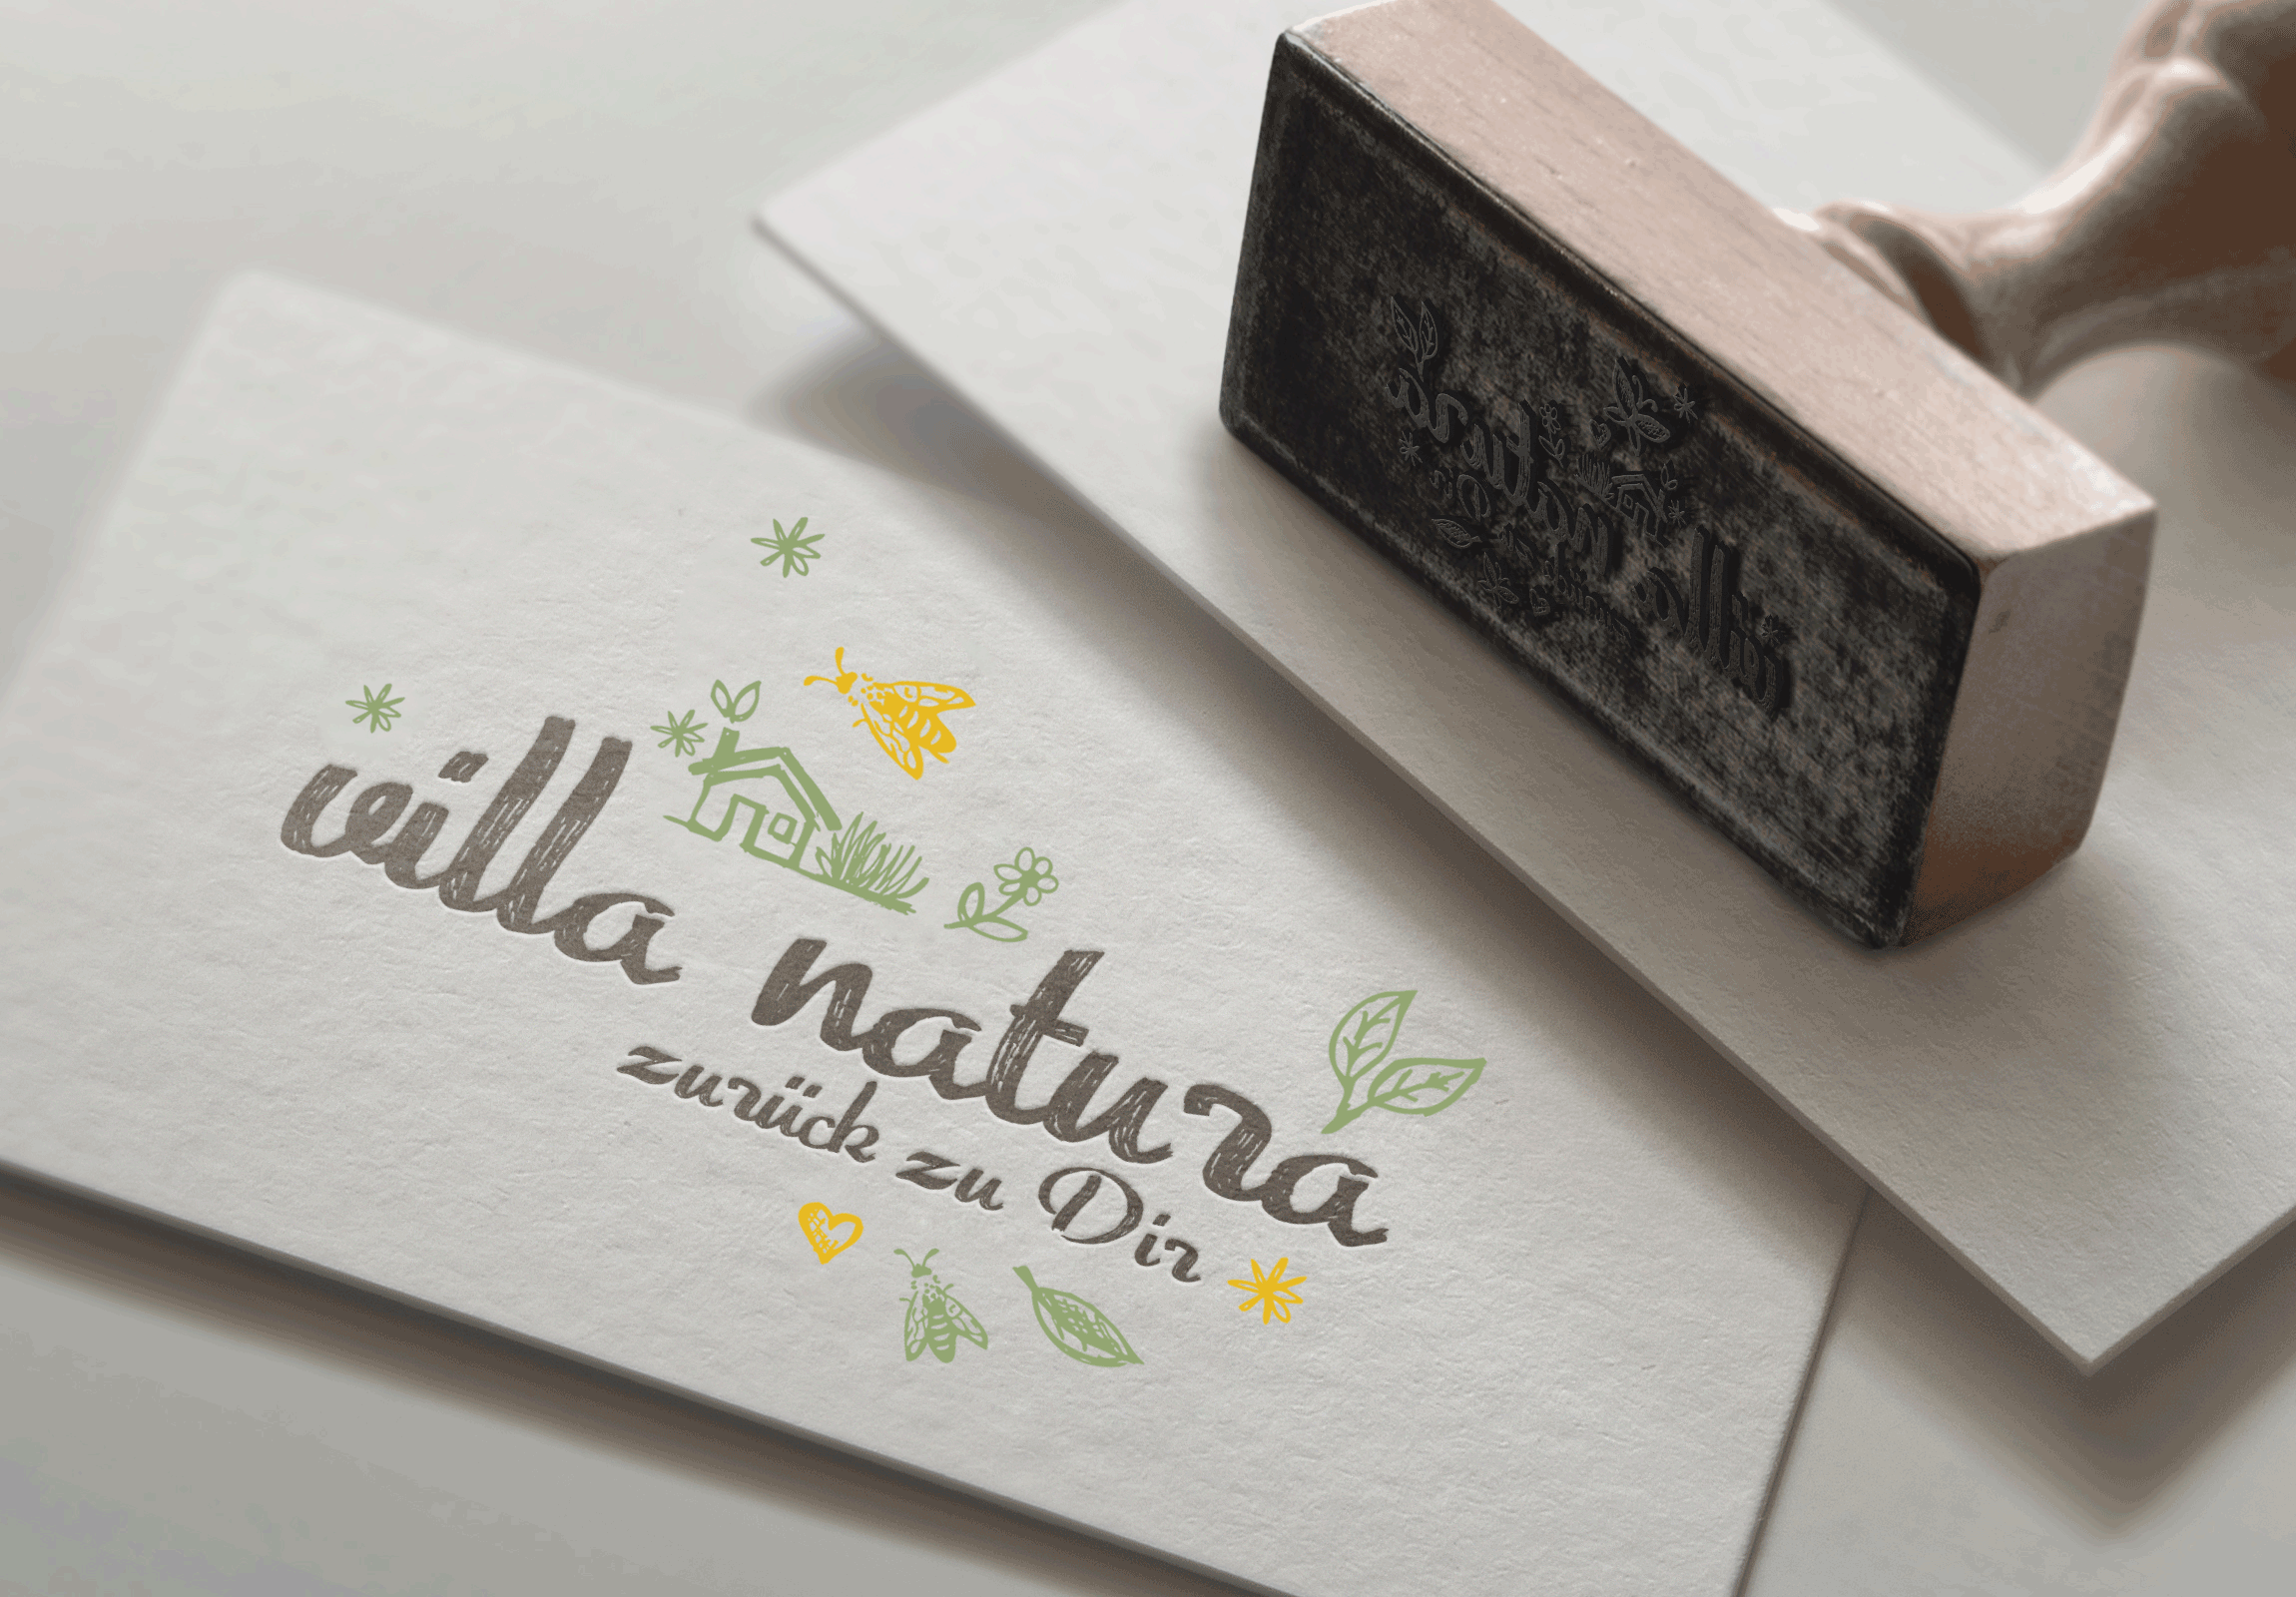 Villla-Natura-Stempel-2018